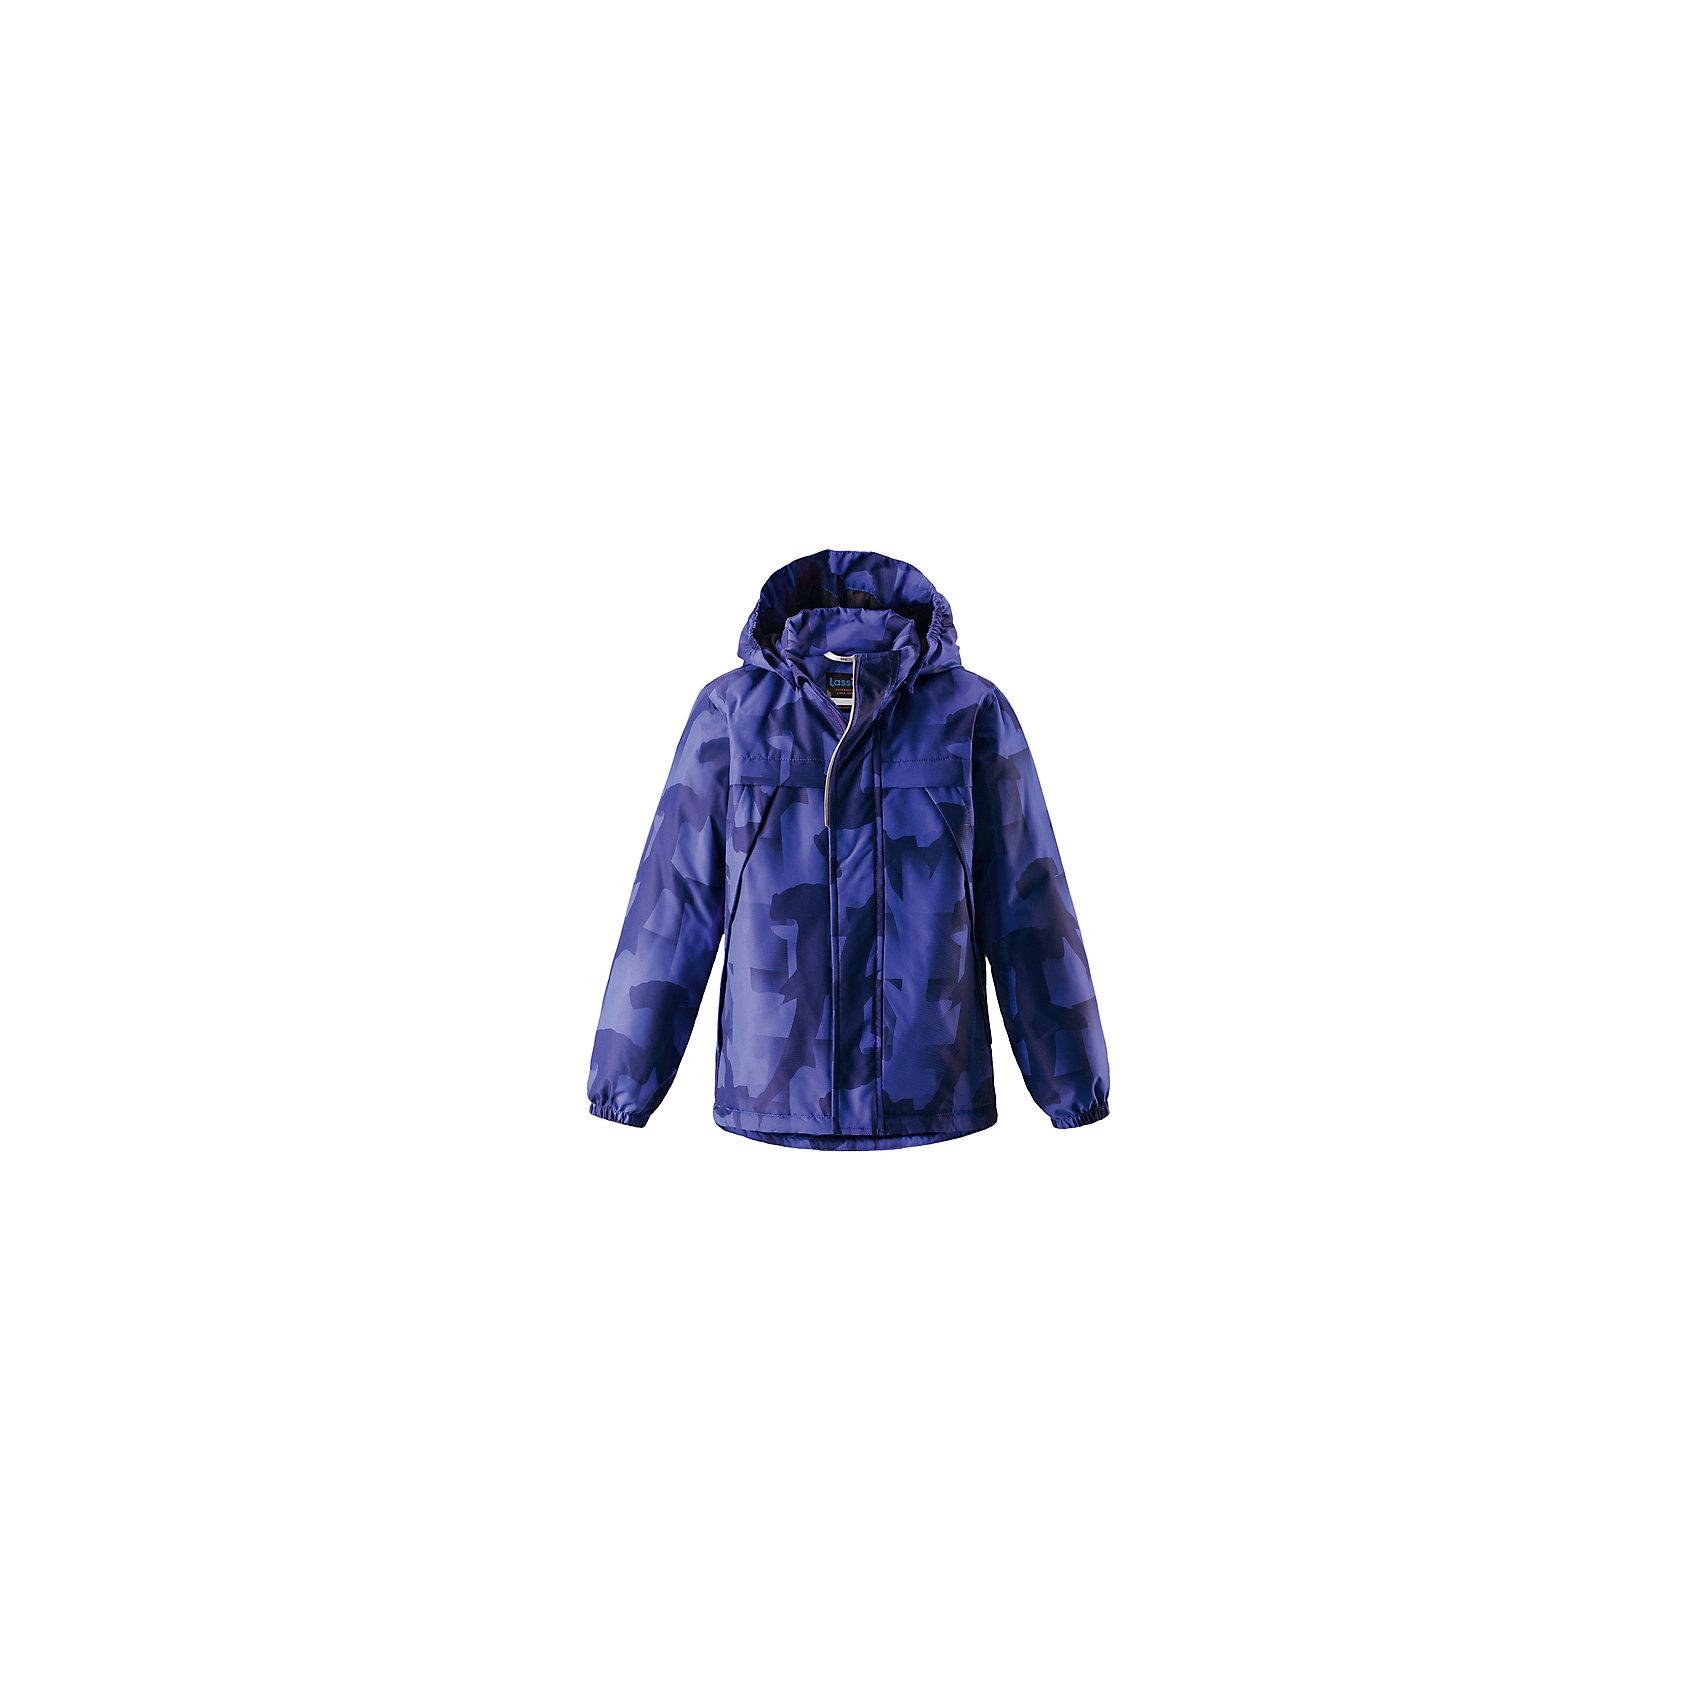 Куртка  для мальчика LASSIEОдежда<br>Характеристики товара:<br><br>• цвет: синий принт<br>• температурный режим: от +10°до 0°С<br>• состав: 100% полиэстер, мембрана 100% полиуретан.<br>• легкий утеплитель: 80 гр/м2<br>• водонепроницаемость: 1000 мм<br>• сопротивление трению: 20000 циклов (тест Мартиндейла).<br>• водоотталкивающий, ветронепроницаемый и «дышащий» материал<br>• карманы <br>• отстегивающийся капюшон<br>• молния<br>• планка от ветра<br>• эластичные манжеты<br>• комфортная посадка<br>• страна производства: Китай<br>• страна бренда: Финляндия<br>• коллекция: весна-лето 2017<br><br>Демисезонная куртка поможет обеспечить ребенку комфорт и тепло. Она отлично смотрится с различной одеждой и обувью. Изделие удобно сидит и модно выглядит. Материал - водоотталкивающий, ветронепроницаемый и «дышащий». Продуманный крой разрабатывался специально для детей.<br><br>Обувь и одежда от финского бренда LASSIE пользуются популярностью во многих странах. Они стильные, качественные и удобные. Для производства продукции используются только безопасные, проверенные материалы и фурнитура. Порадуйте ребенка модными и красивыми вещами от Lassie®!<br><br>Куртку для мальчика от финского бренда LASSIE можно купить в нашем интернет-магазине.<br><br>Ширина мм: 356<br>Глубина мм: 10<br>Высота мм: 245<br>Вес г: 519<br>Цвет: синий<br>Возраст от месяцев: 18<br>Возраст до месяцев: 24<br>Пол: Мужской<br>Возраст: Детский<br>Размер: 92,134,140,128,122,116,110,104,98<br>SKU: 5265080